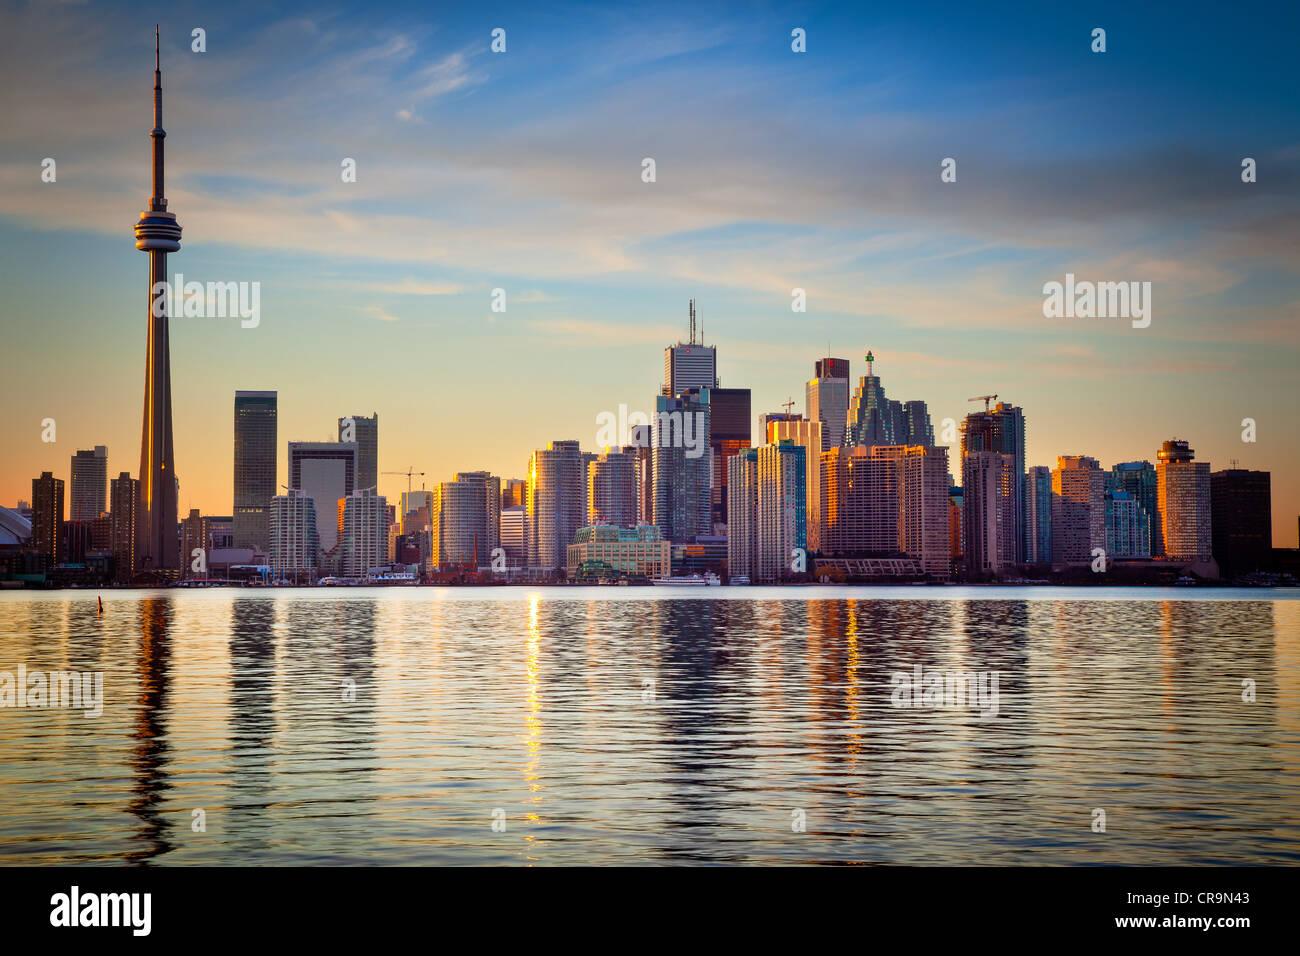 Le centre-ville de Toronto Skyline, y compris la Tour CN et le Centre Rogers, comme vu en début de soirée Photo Stock